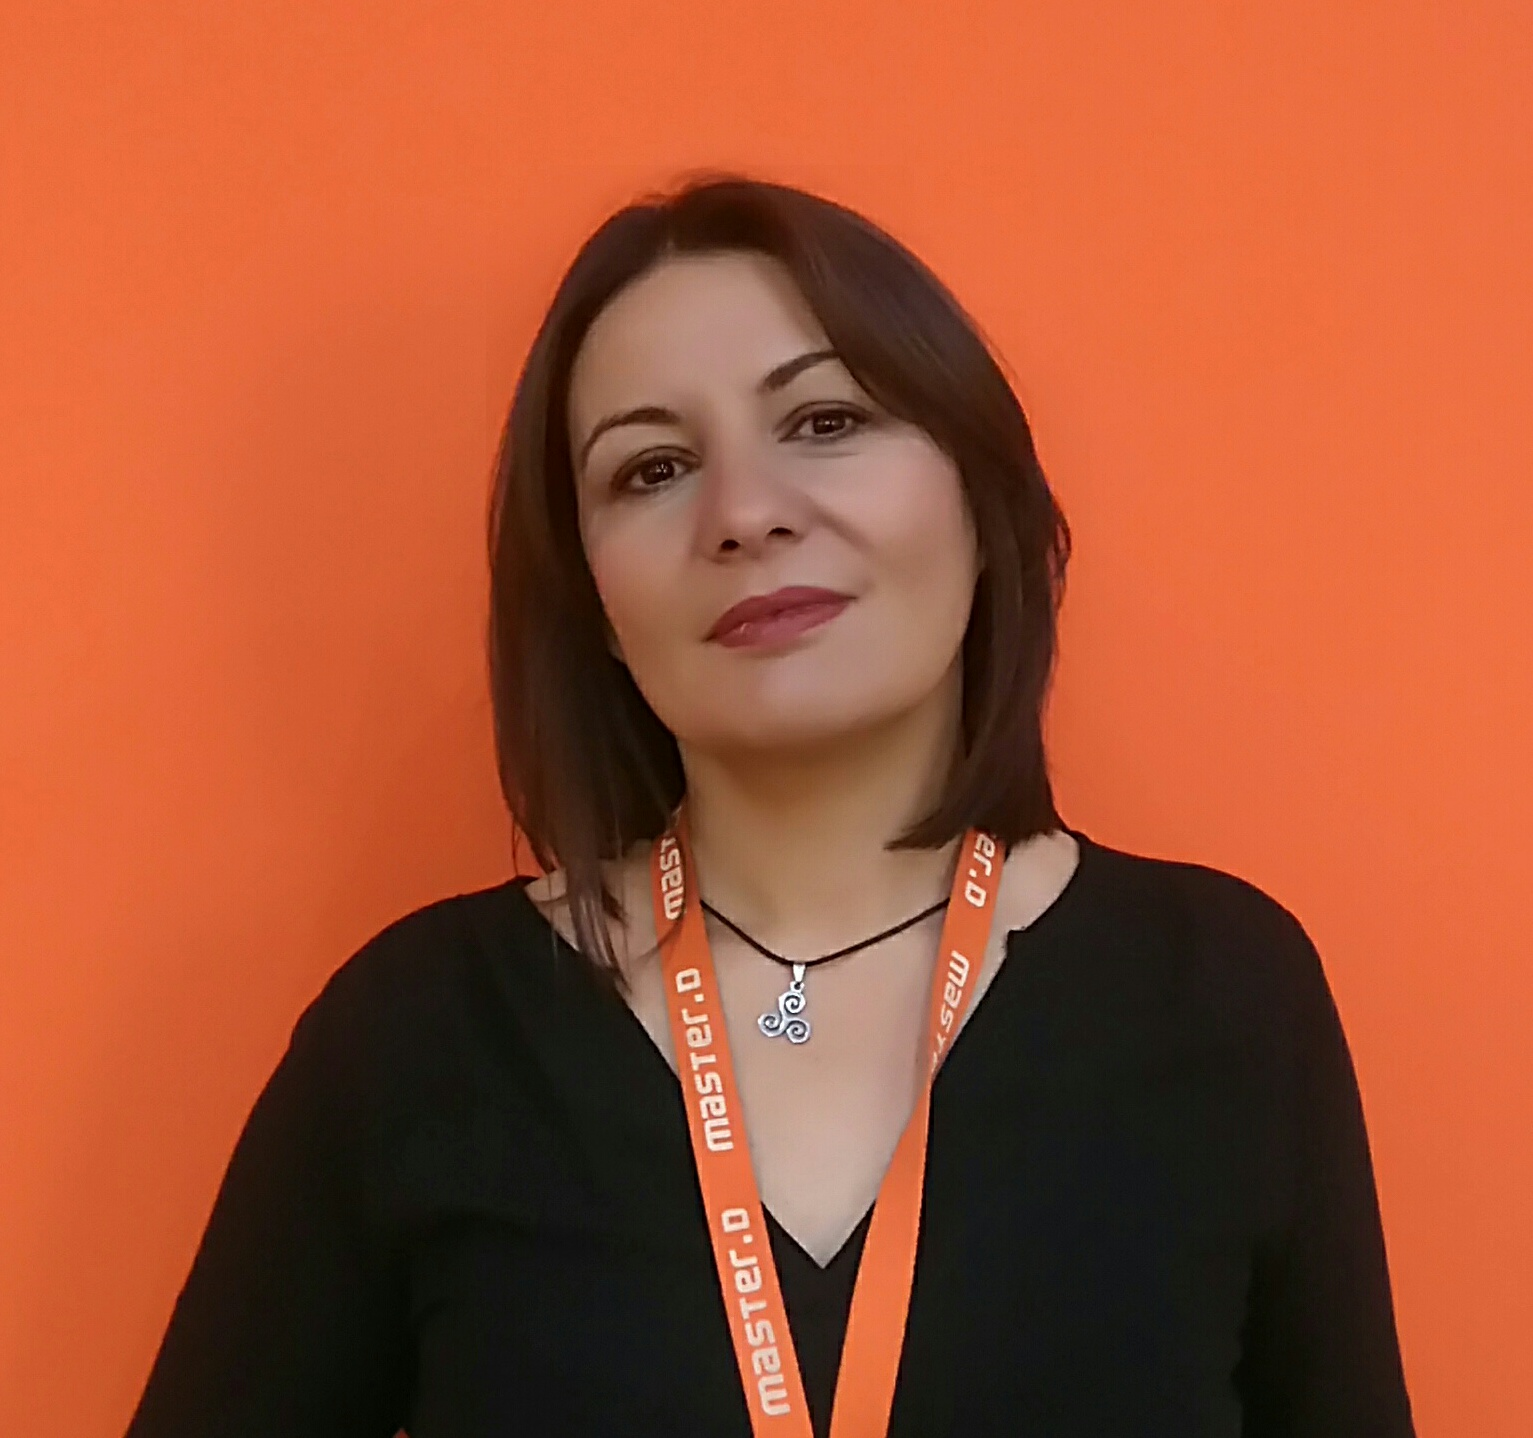 Mª Victoria Ordóñez Lara